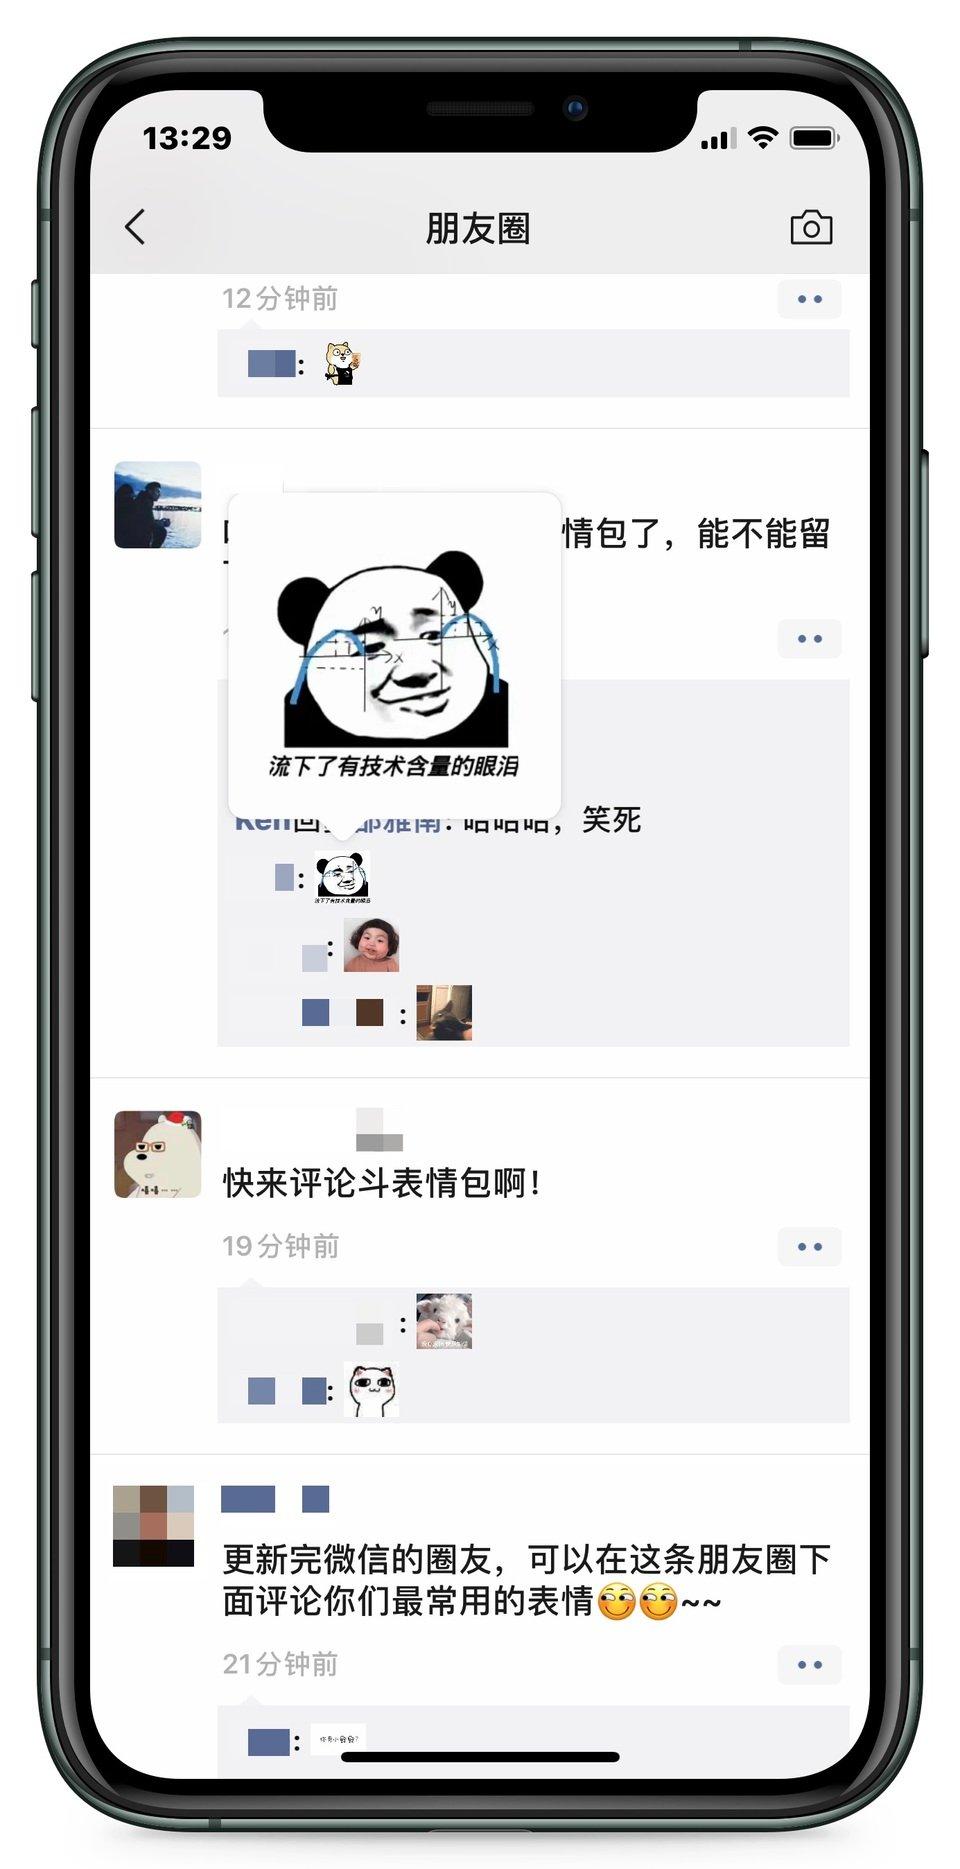 微信12月23今天版本更新 朋友圈可以「斗表情包」了插图3